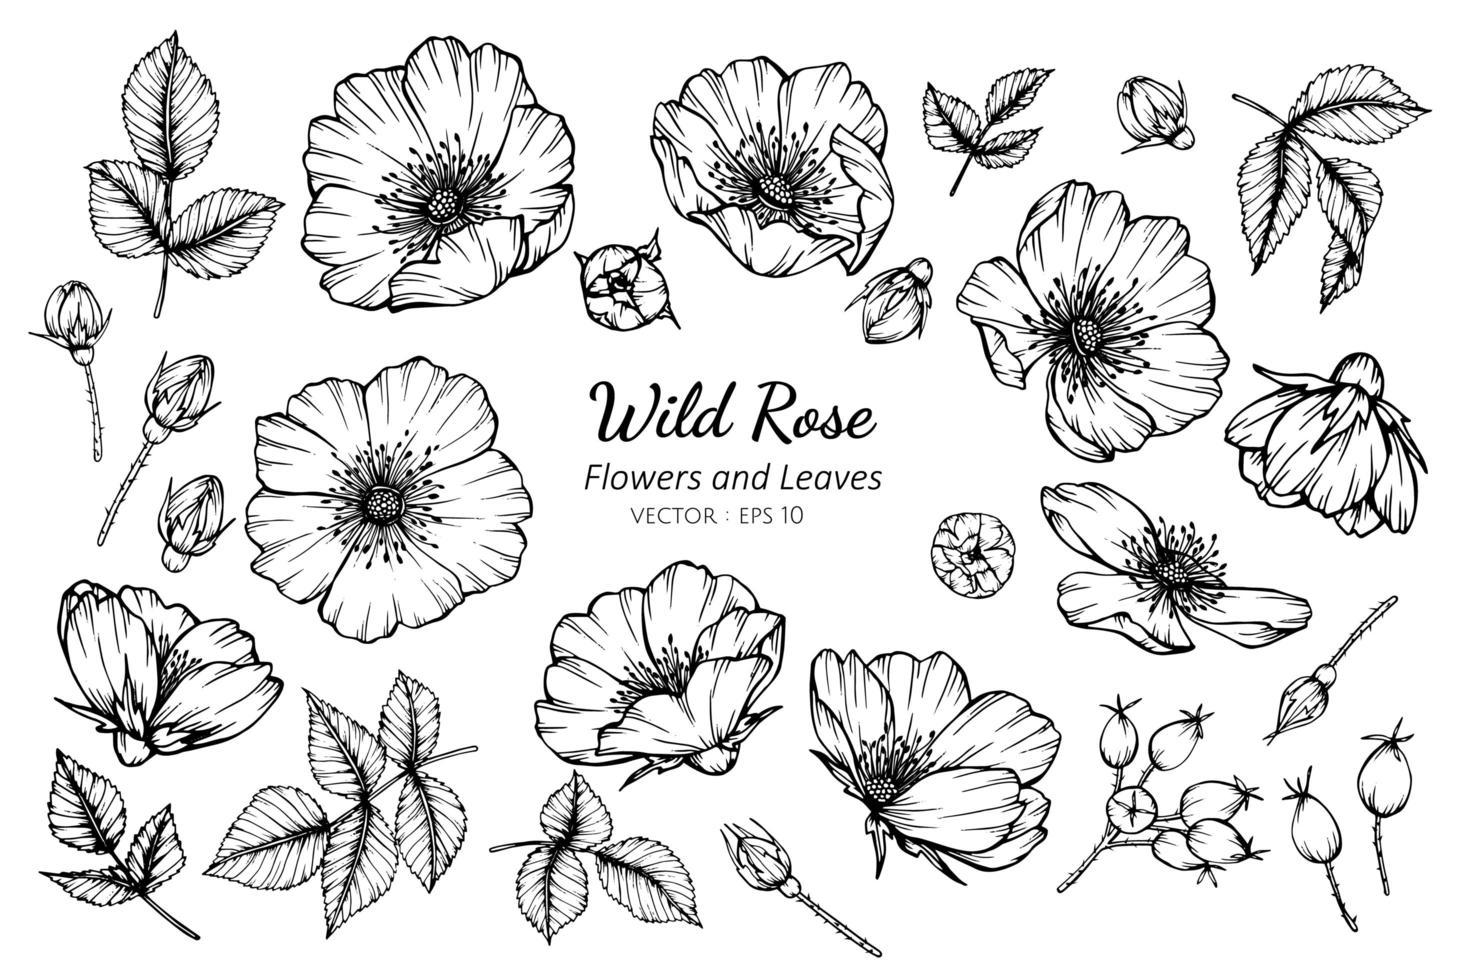 Sammlung von wilden Rosen und Blättern vektor